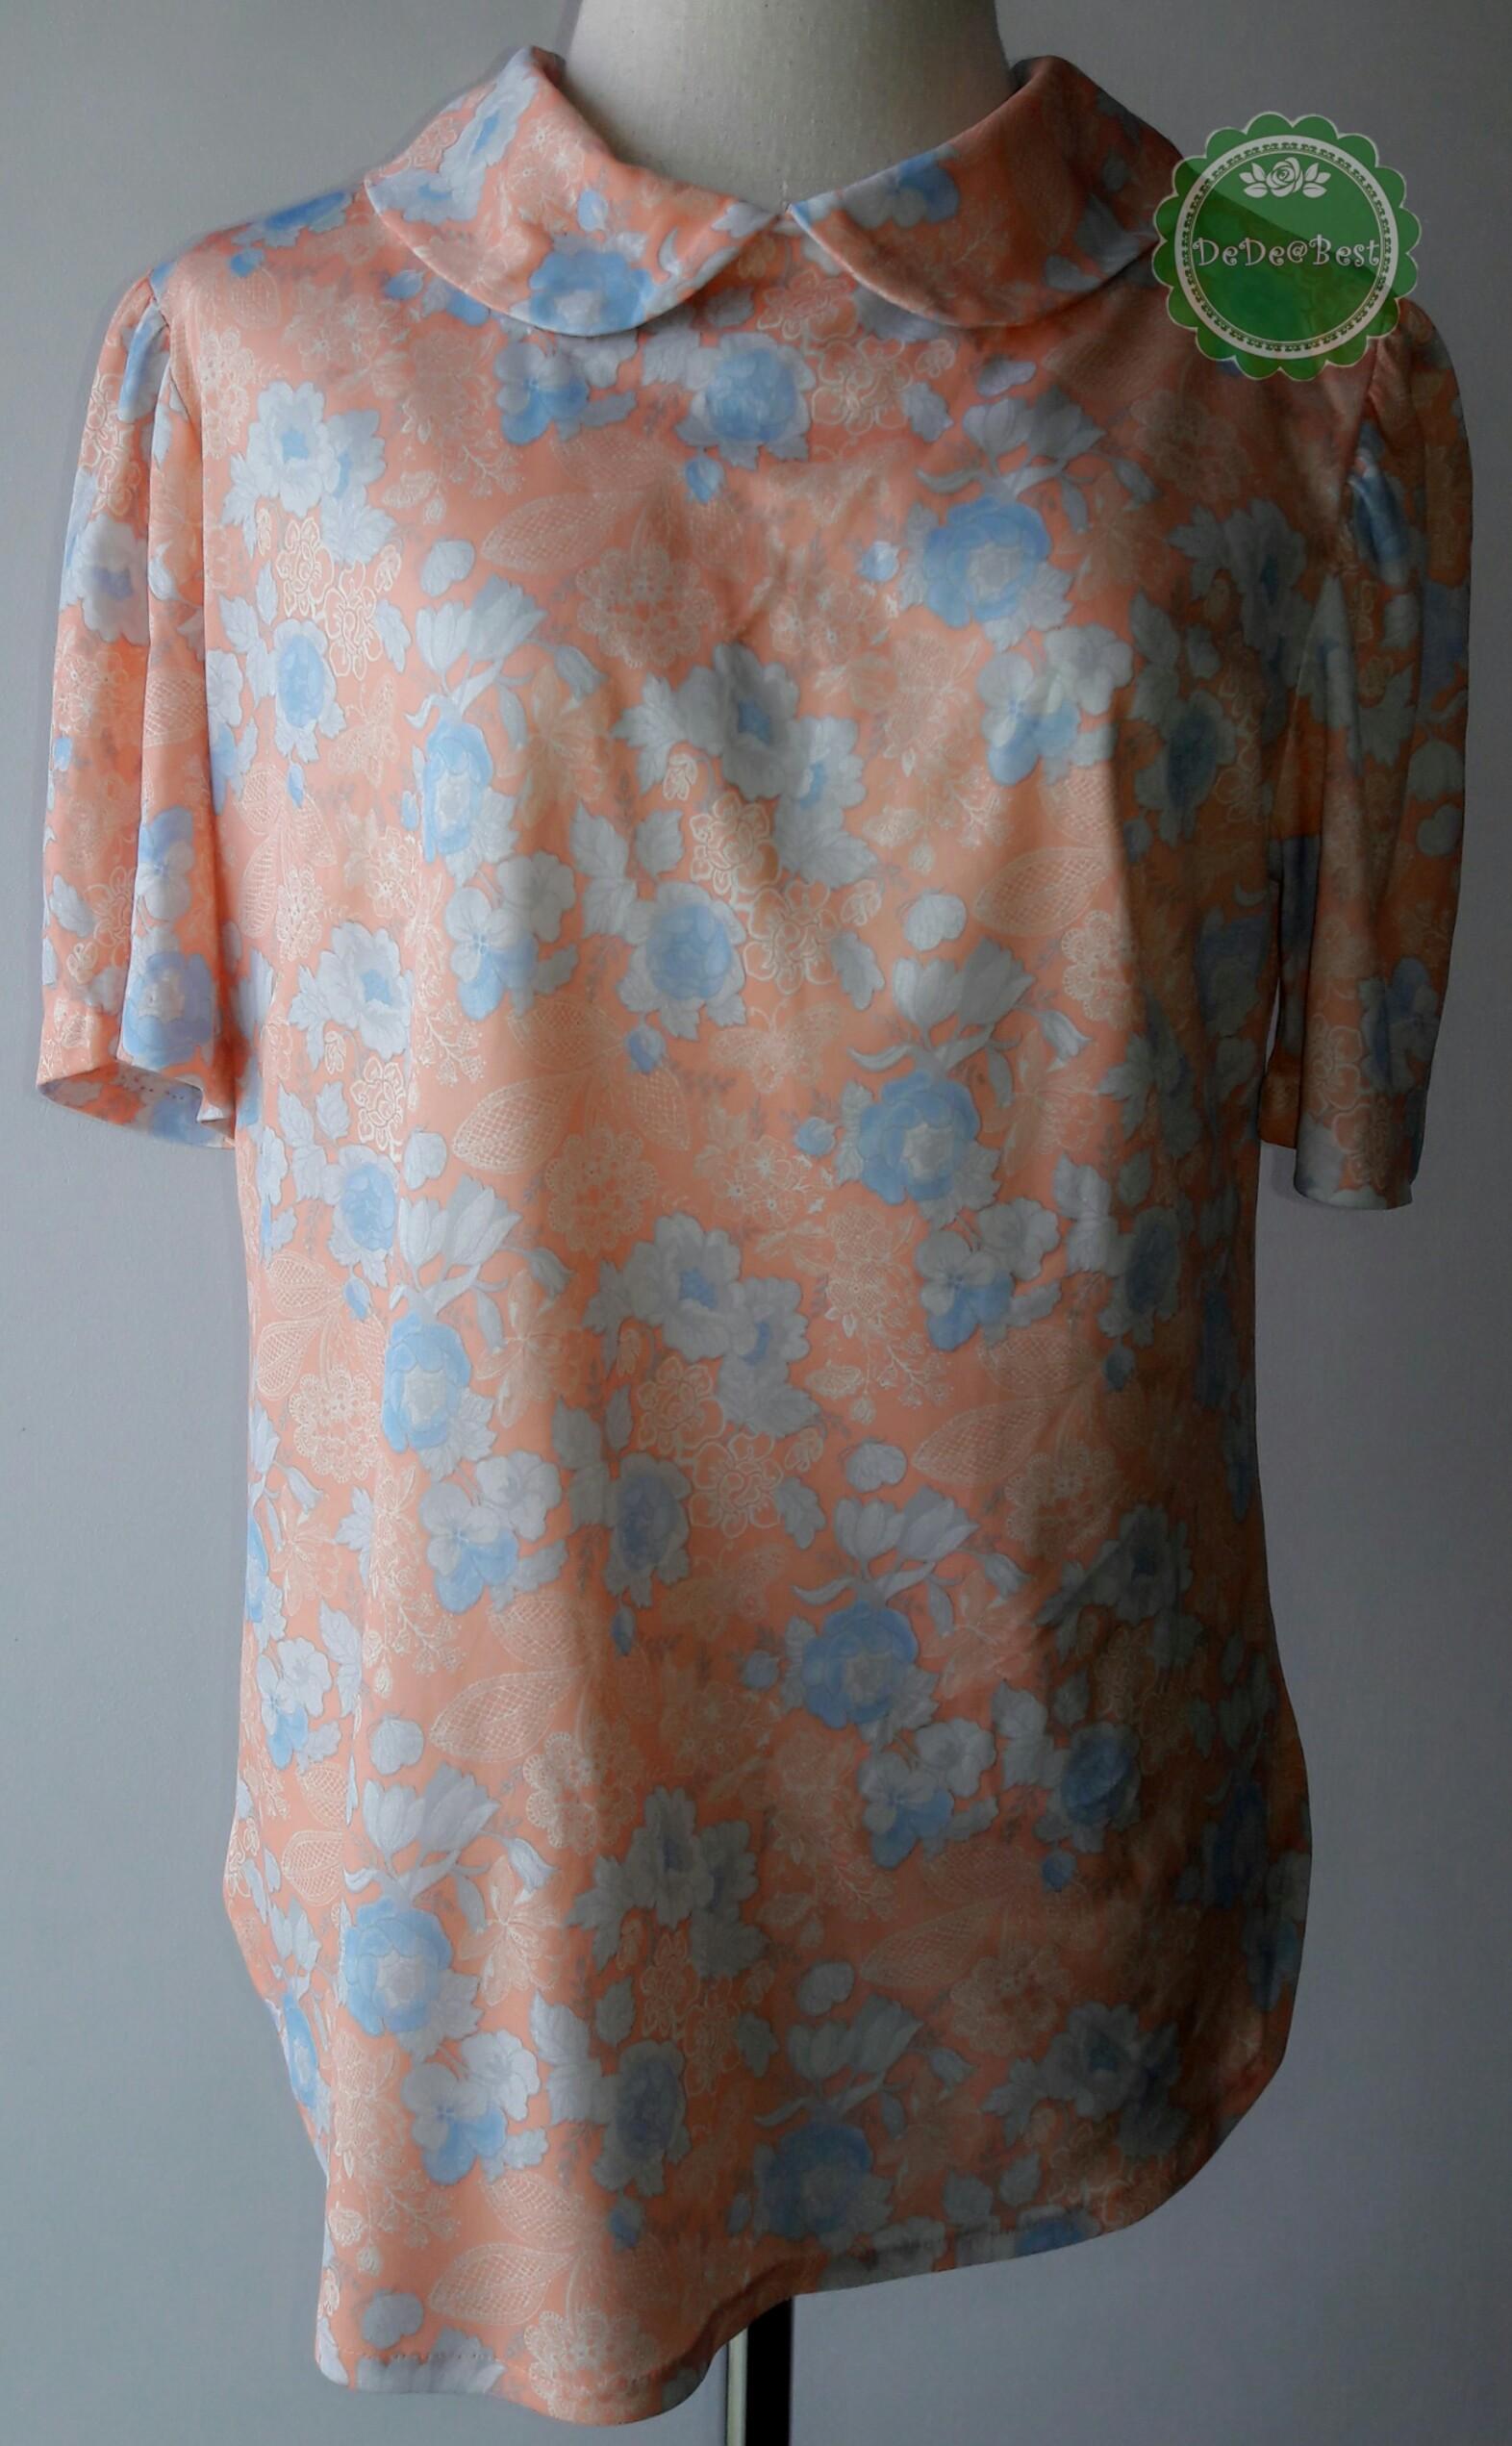 T54:Vintage top เสื้อวินเทจสีส้มอ่อน ปกบัว ลายลูกไม้ ดอกไม้ และผีเสื้อ